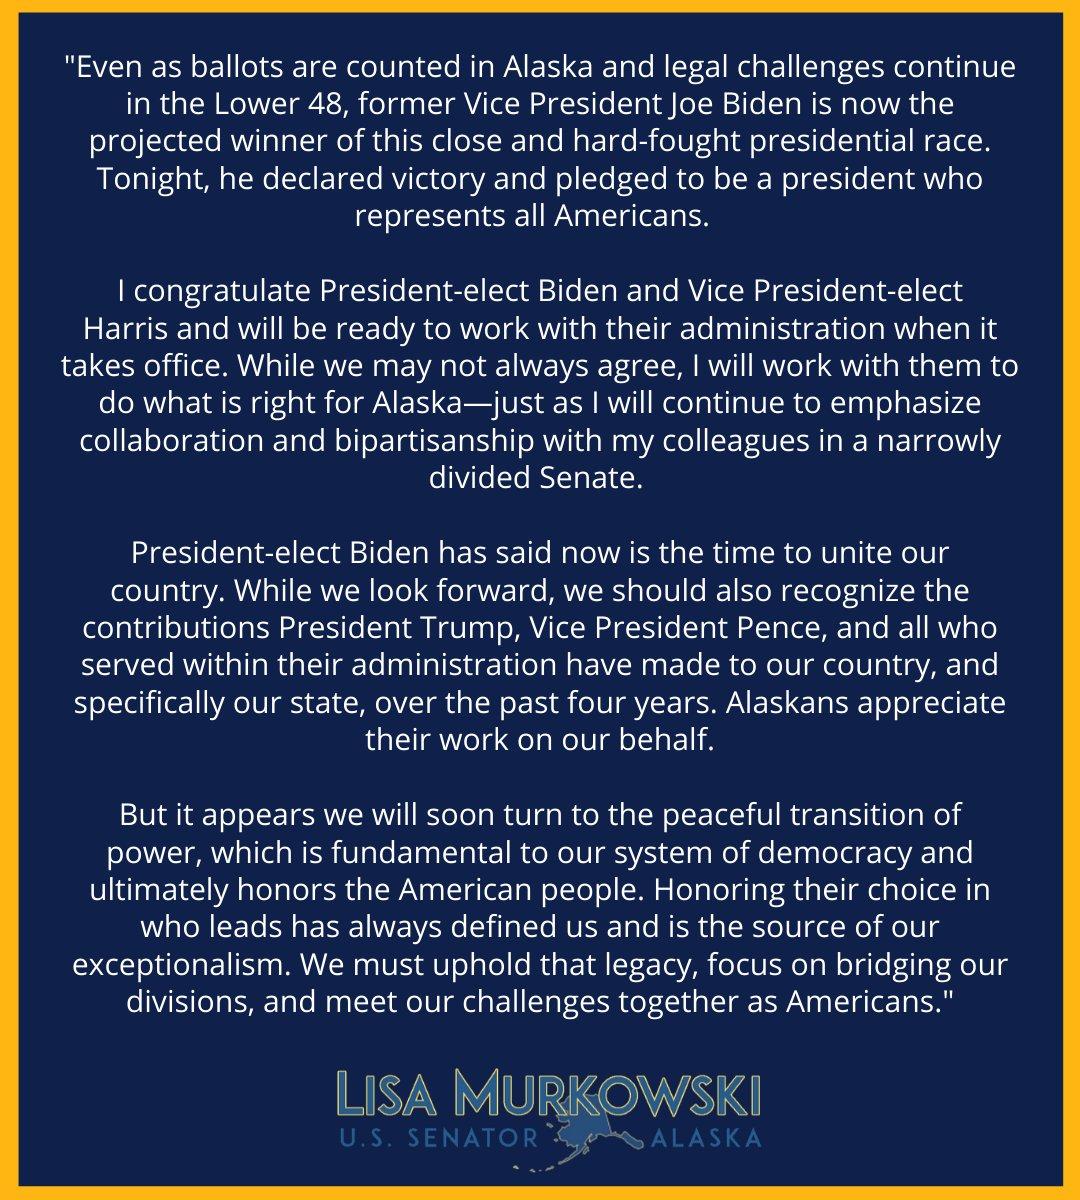 Sen. Lisa Murkowski (@lisamurkowski) on Twitter photo 08/11/2020 03:57:19